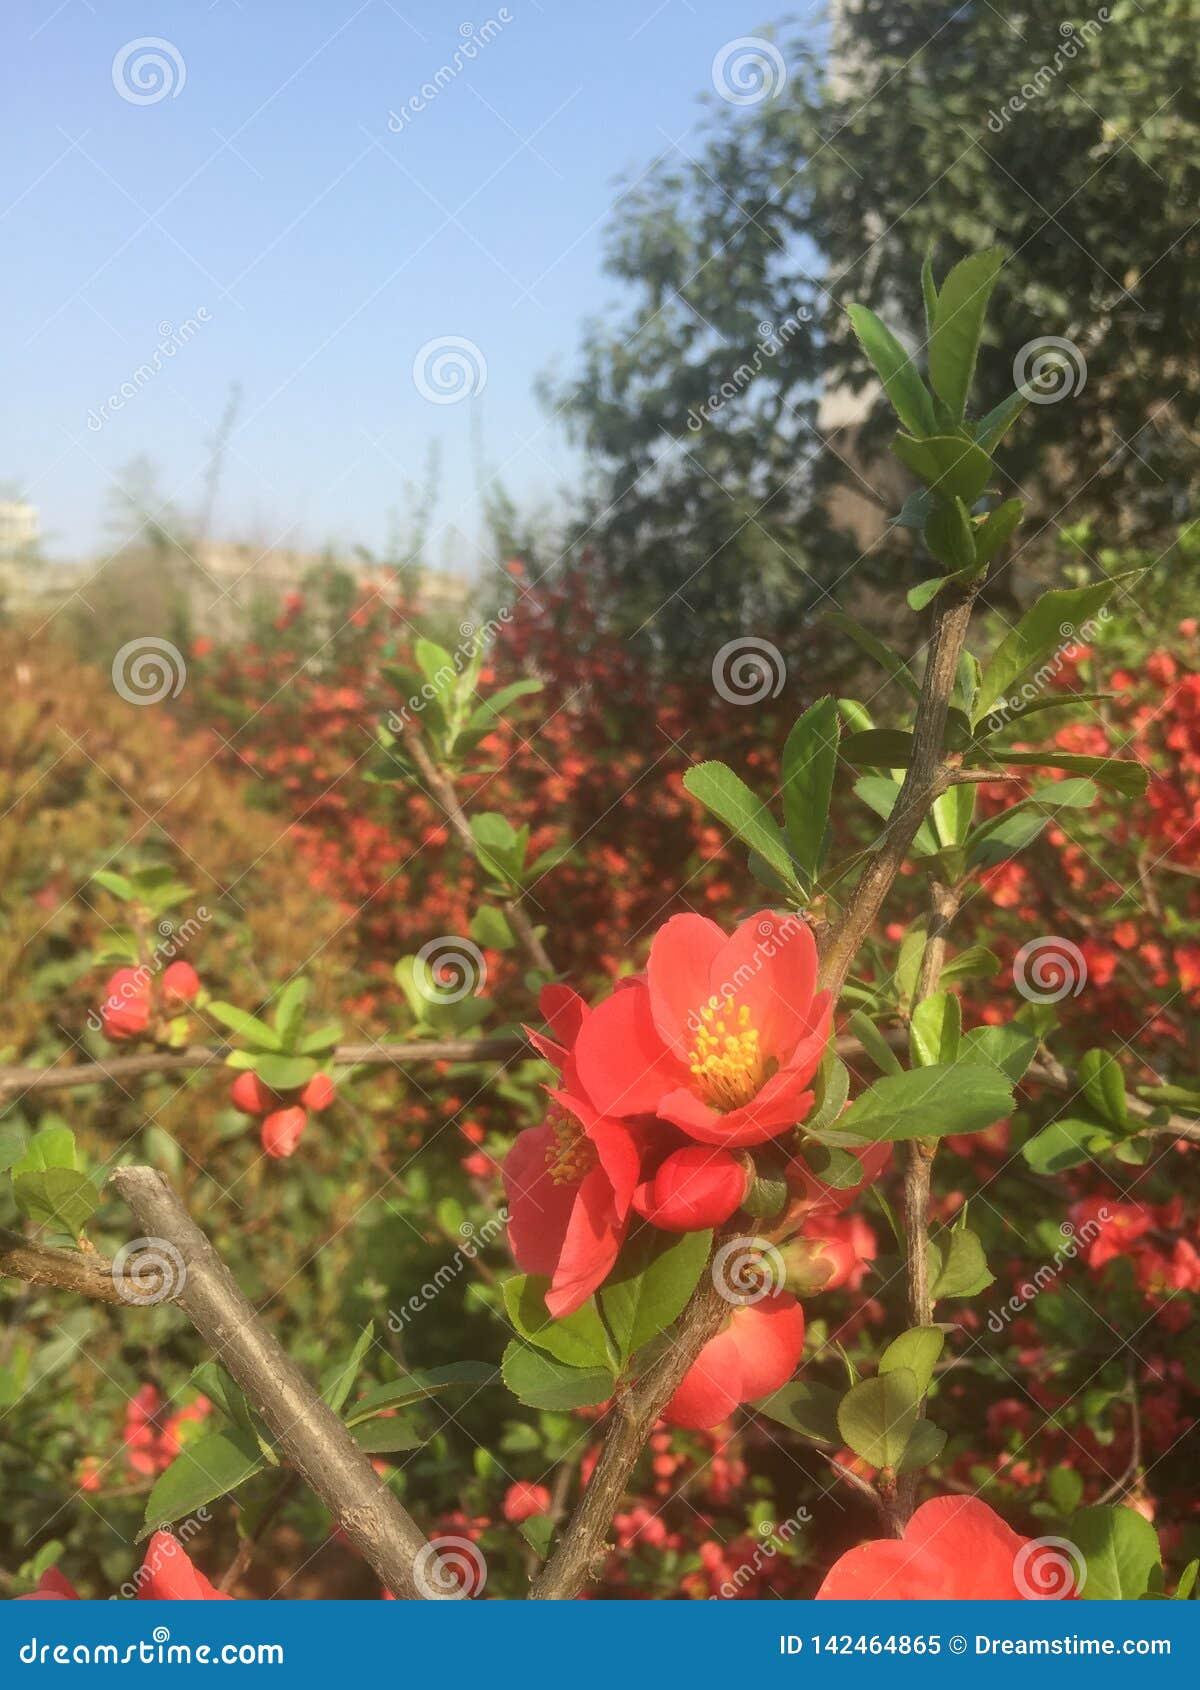 Viele schönen roten kleinen Blumen im Vorfrühling